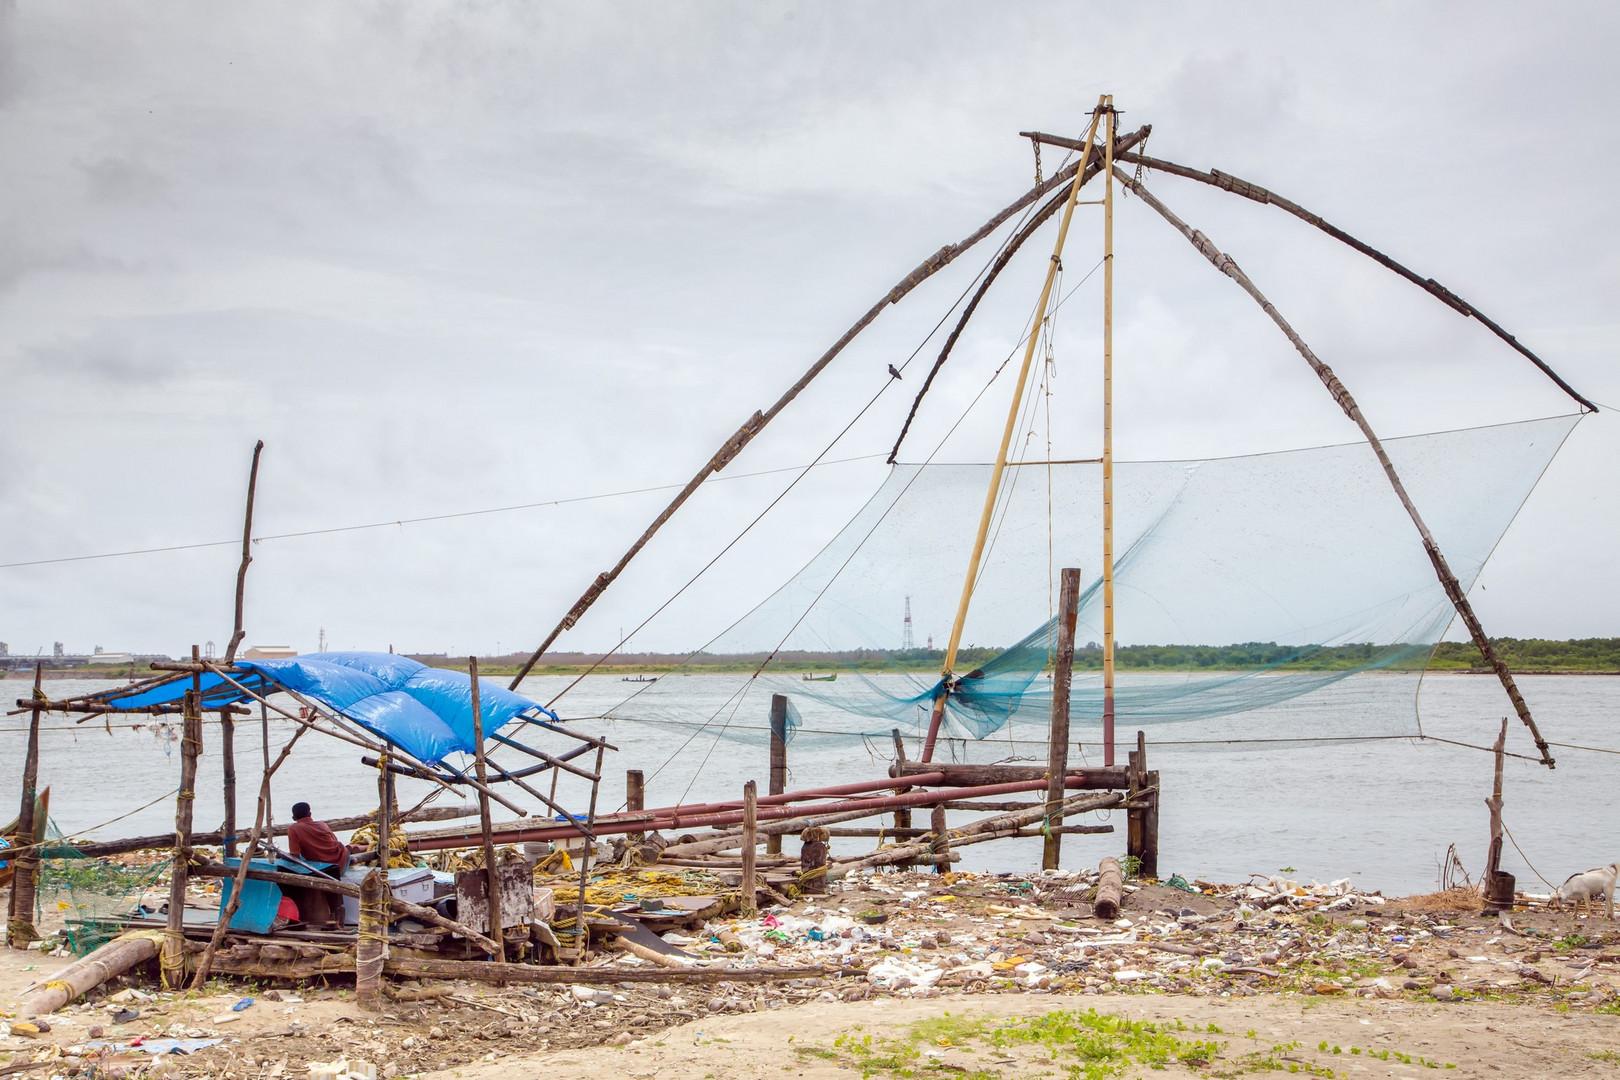 Un filet de pêche chinois : ces filets constituent une des attractions touristiques de Cochin